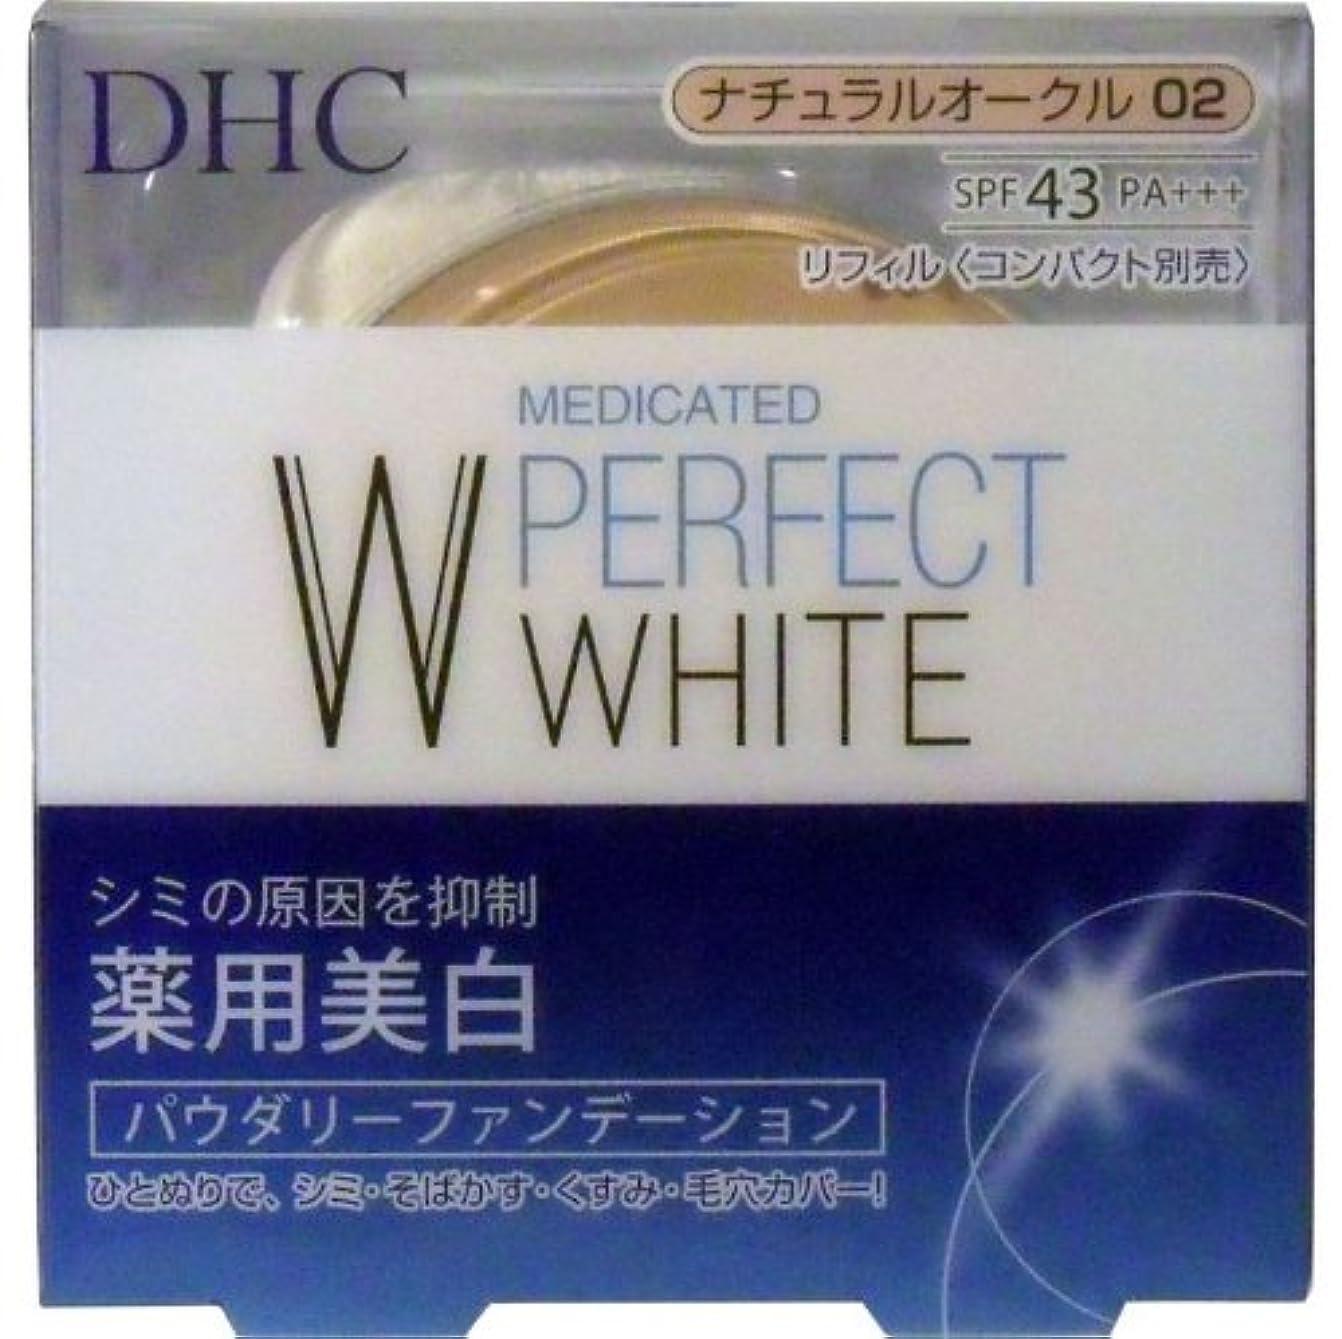 ニッケル試験ベッドつけたての美しい透明感がずっと持続!DHC 薬用美白パーフェクトホワイト パウダリーファンデーション ナチュラルオークル02 10g【5個セット】